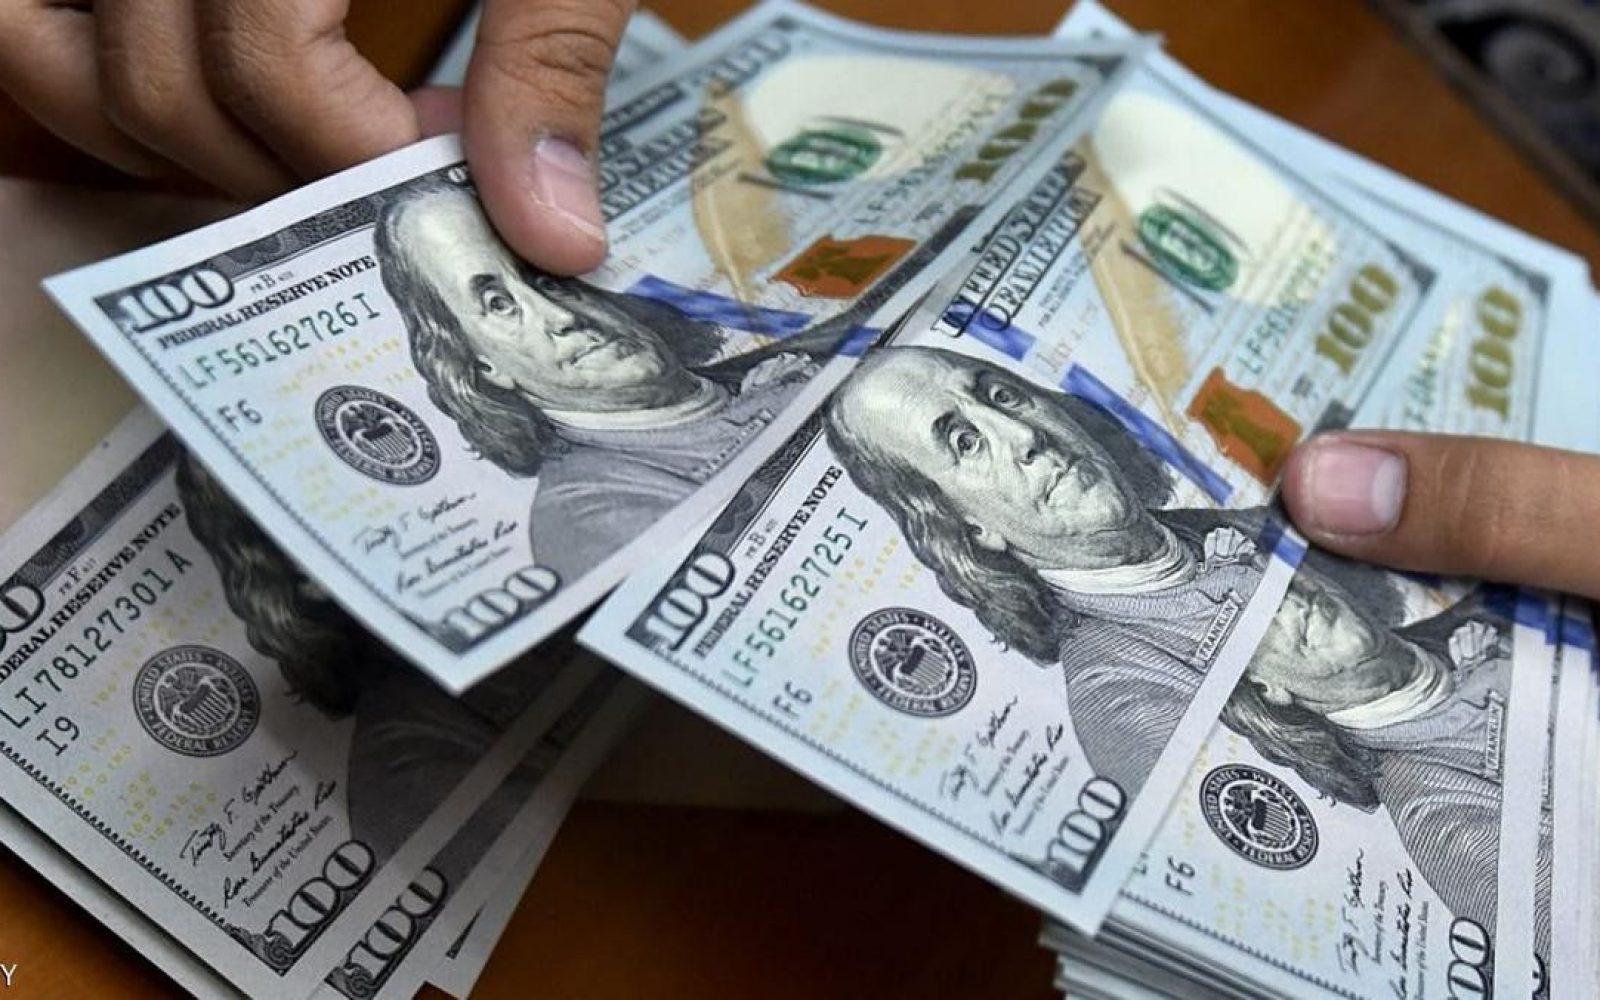 سعر الدولار اليوم الاثنين 15 فبراير في البنوك يسجل تراجع مفاجئ